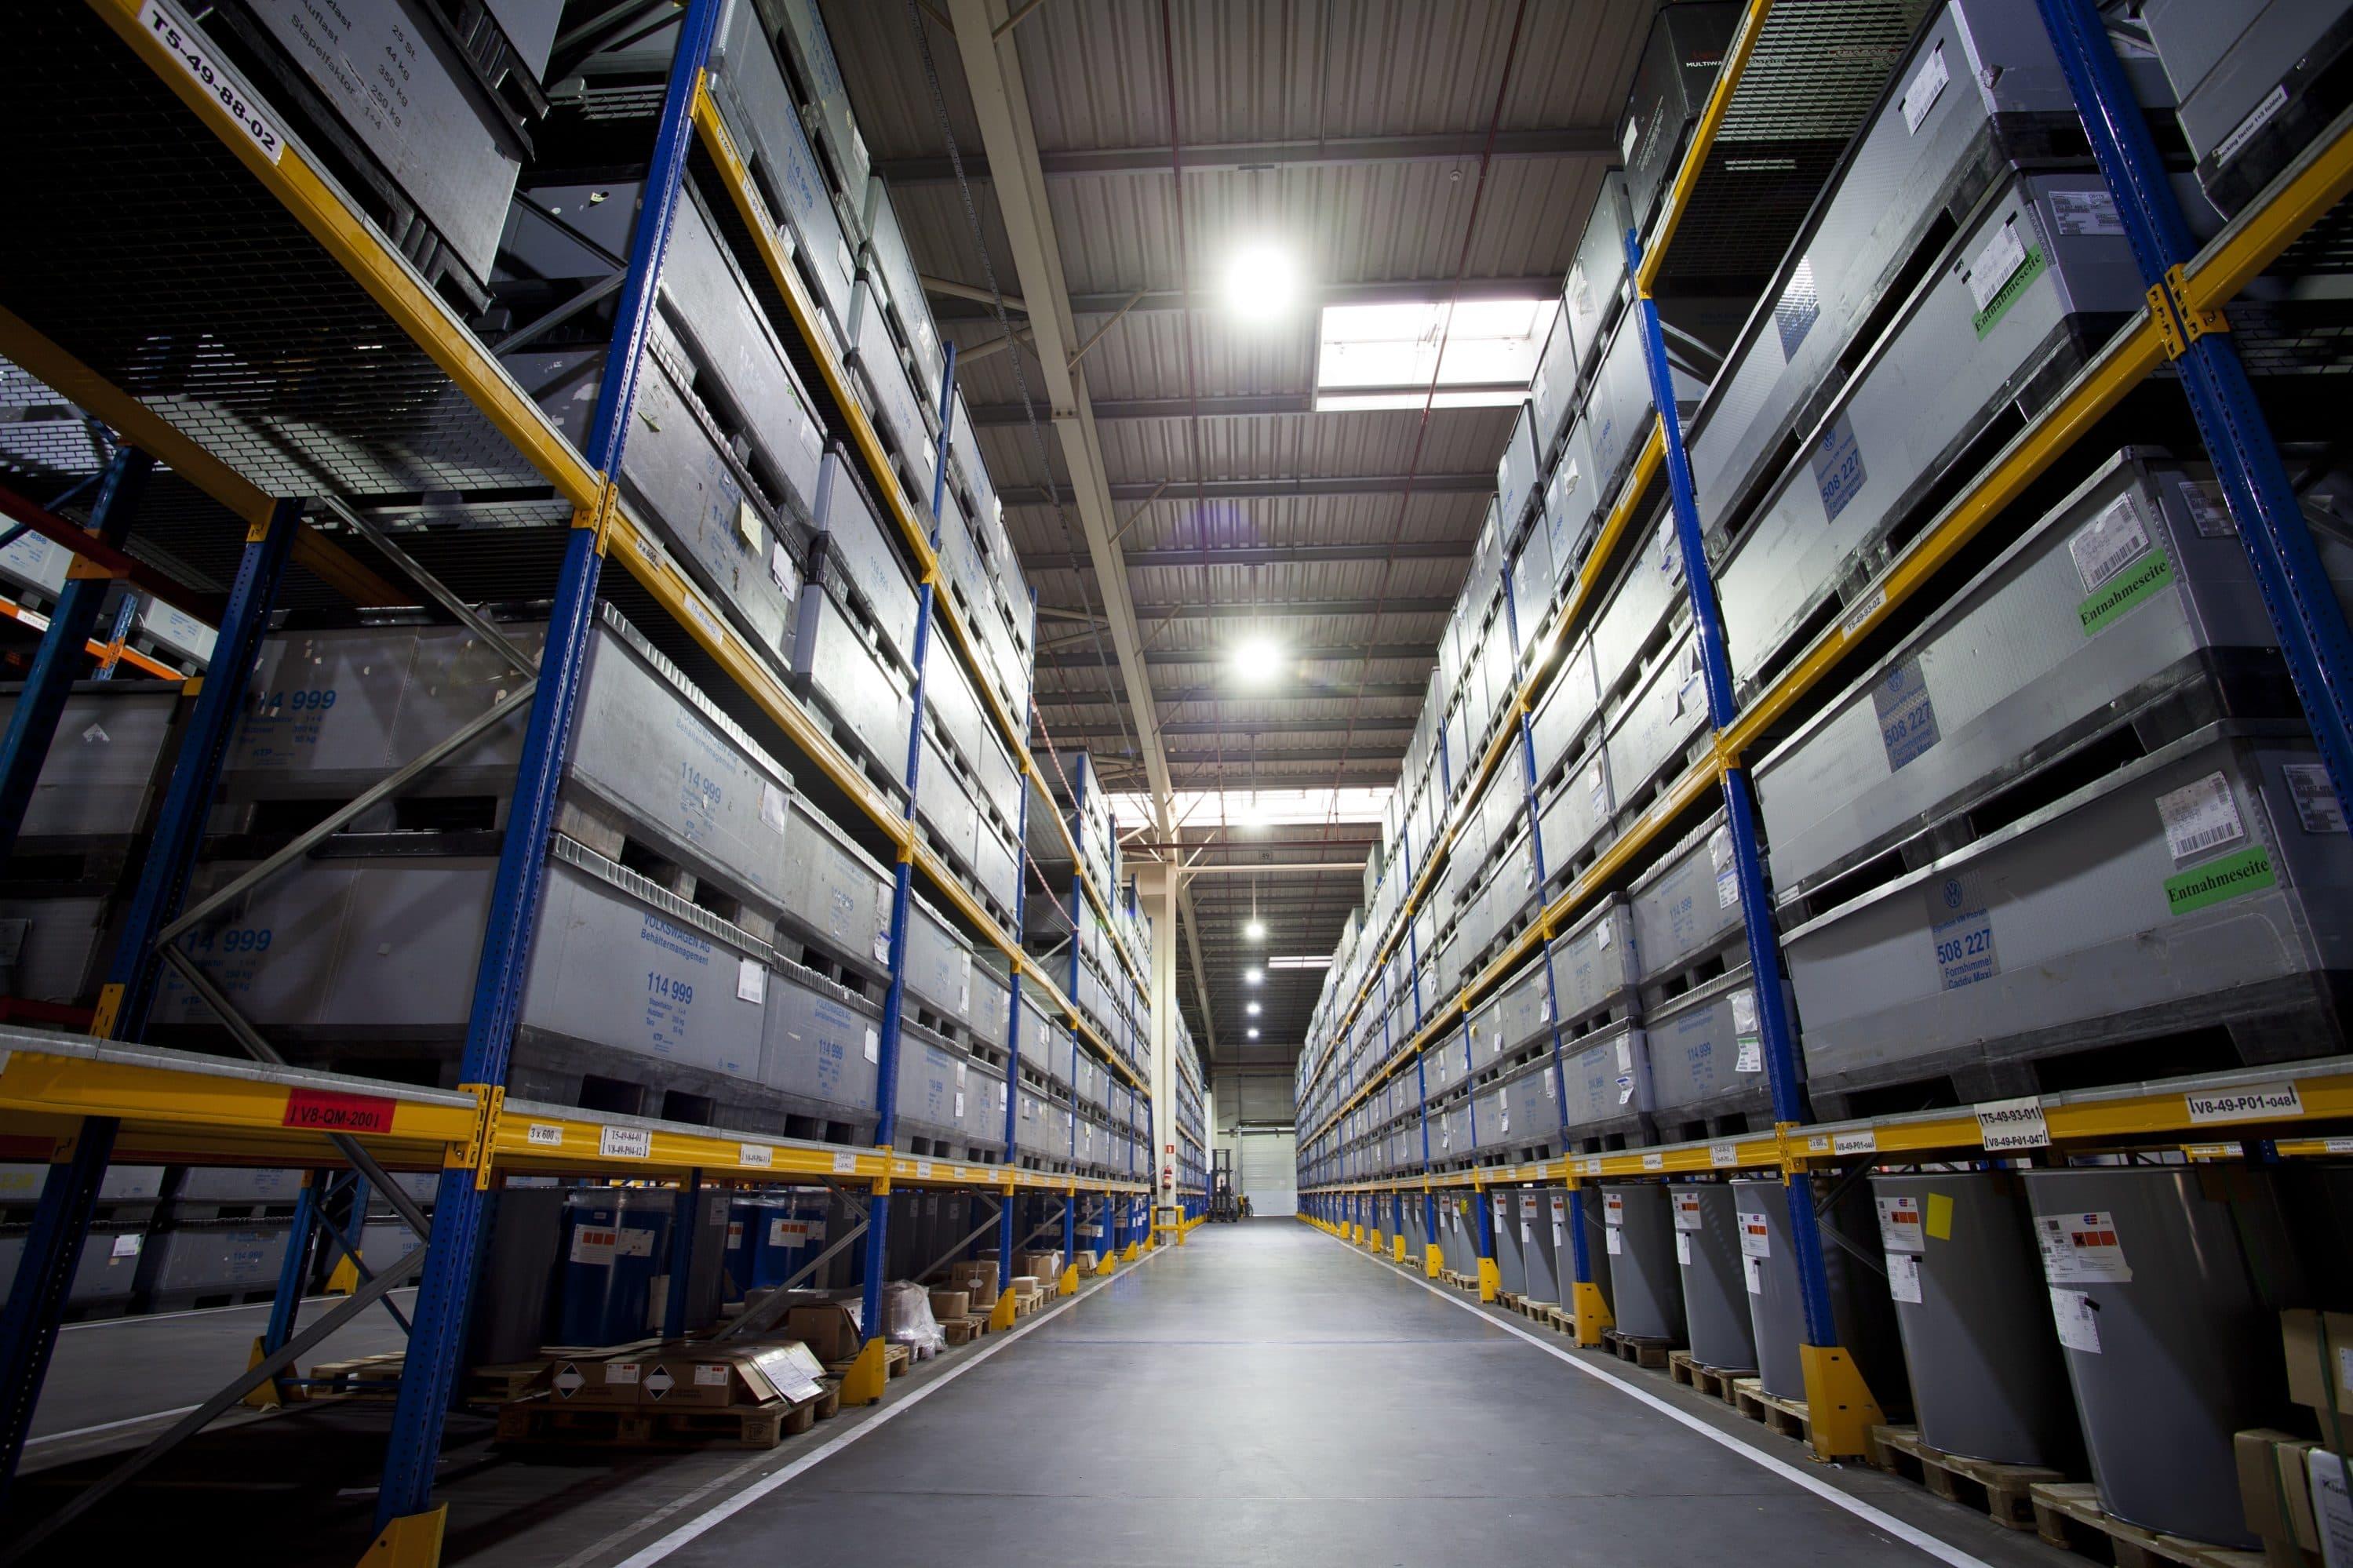 Oprawa Highbay doświetlająca regały w magazynien wysokiego składowania firmy Panopa - Luxon LED